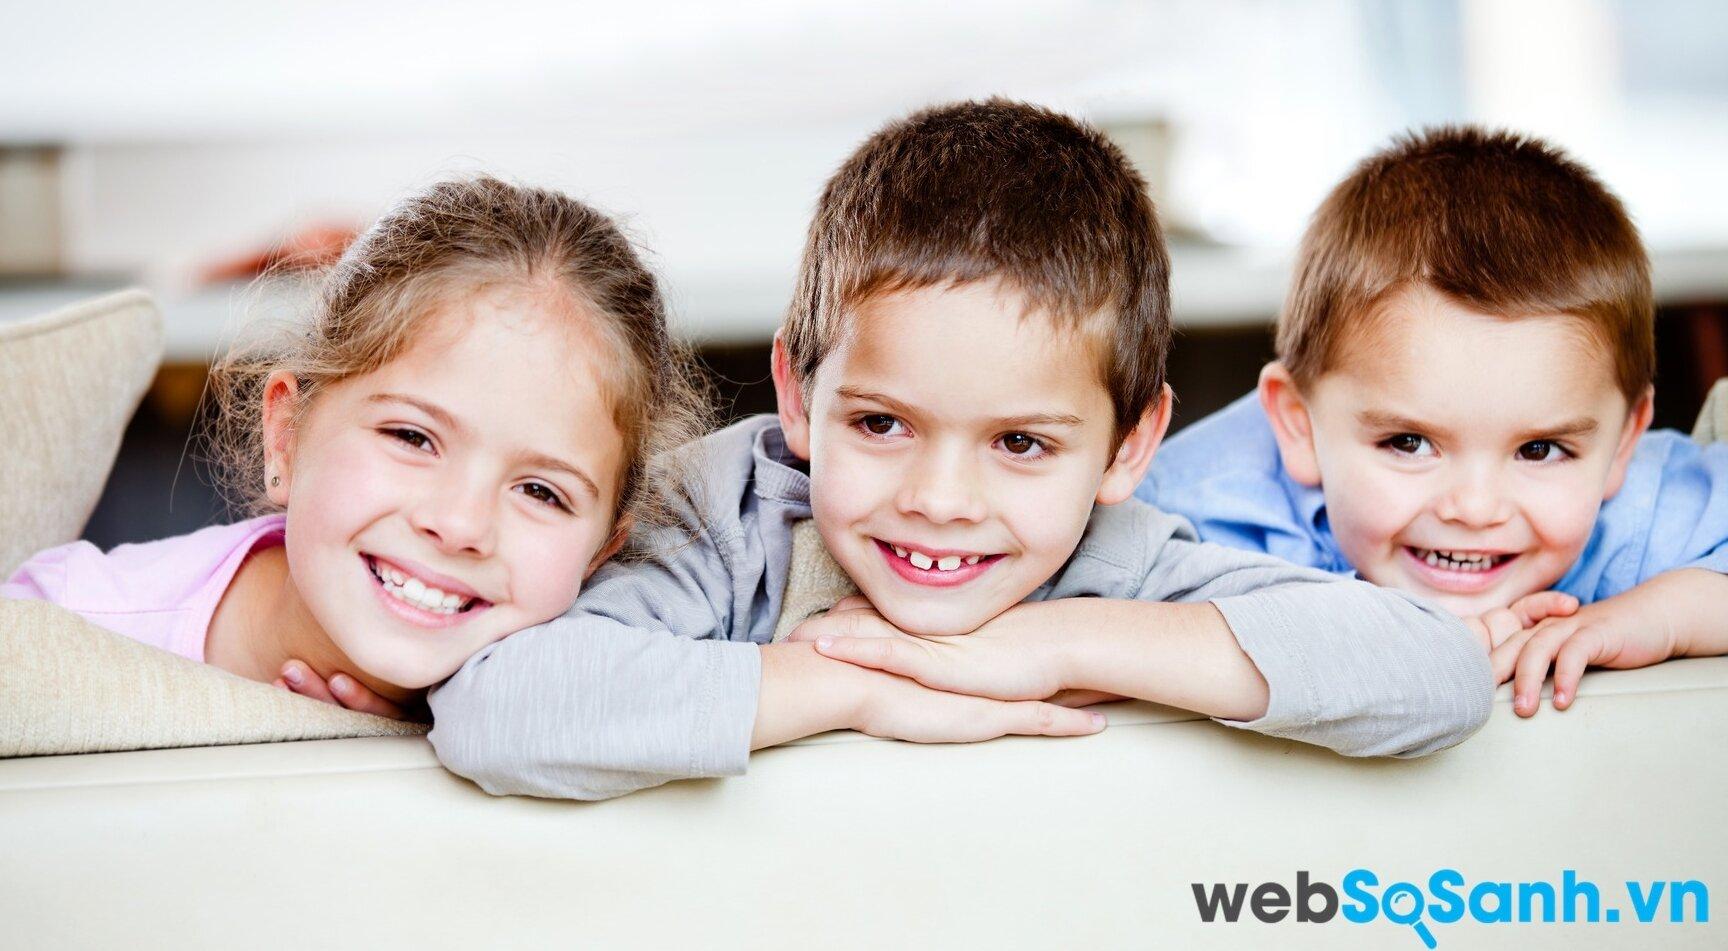 Tư duy ở trẻ mẫu giáo trong độ tuổi 3-5 tuổi